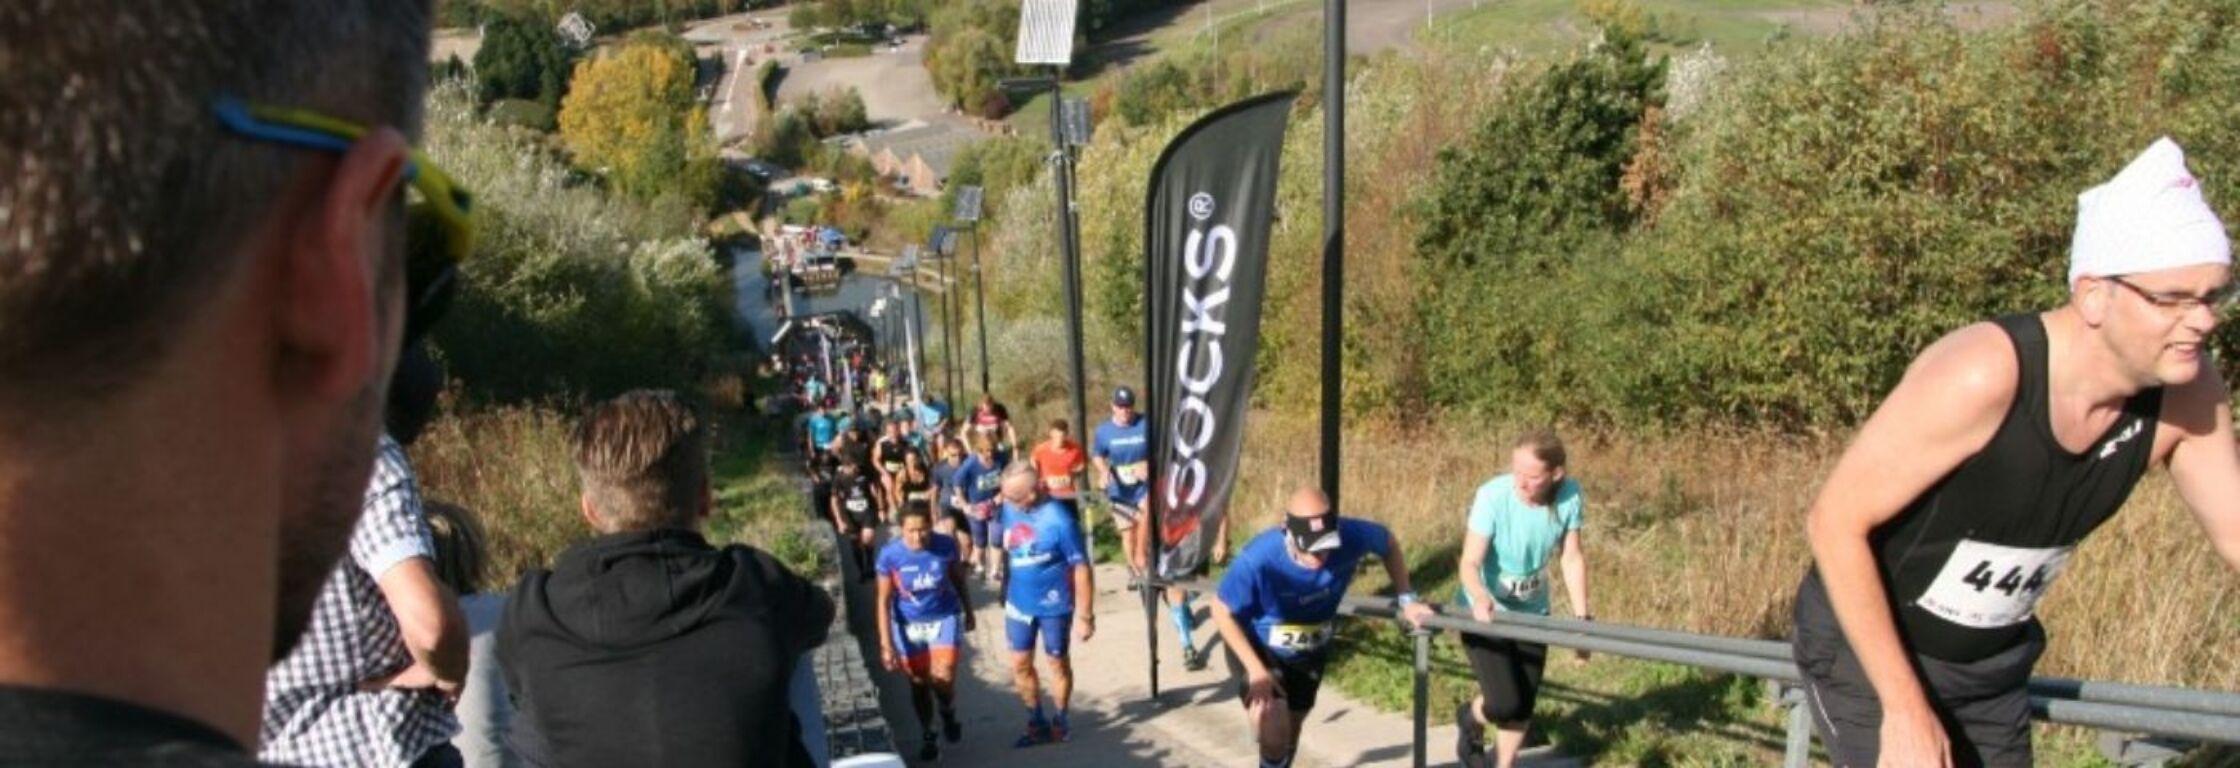 Wilhelminaberg Trappenmarathon is de zwaarste marathon van Nederland